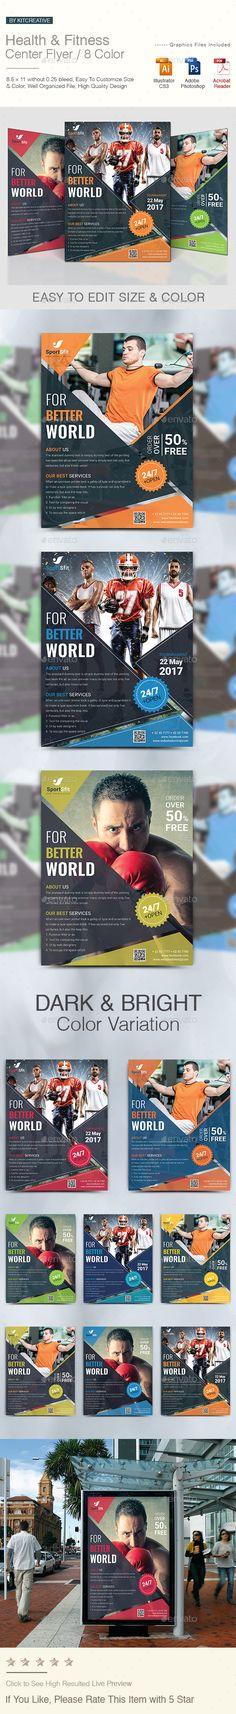 Health & Fitness Flyer Template PSD, Vector EPS, AI